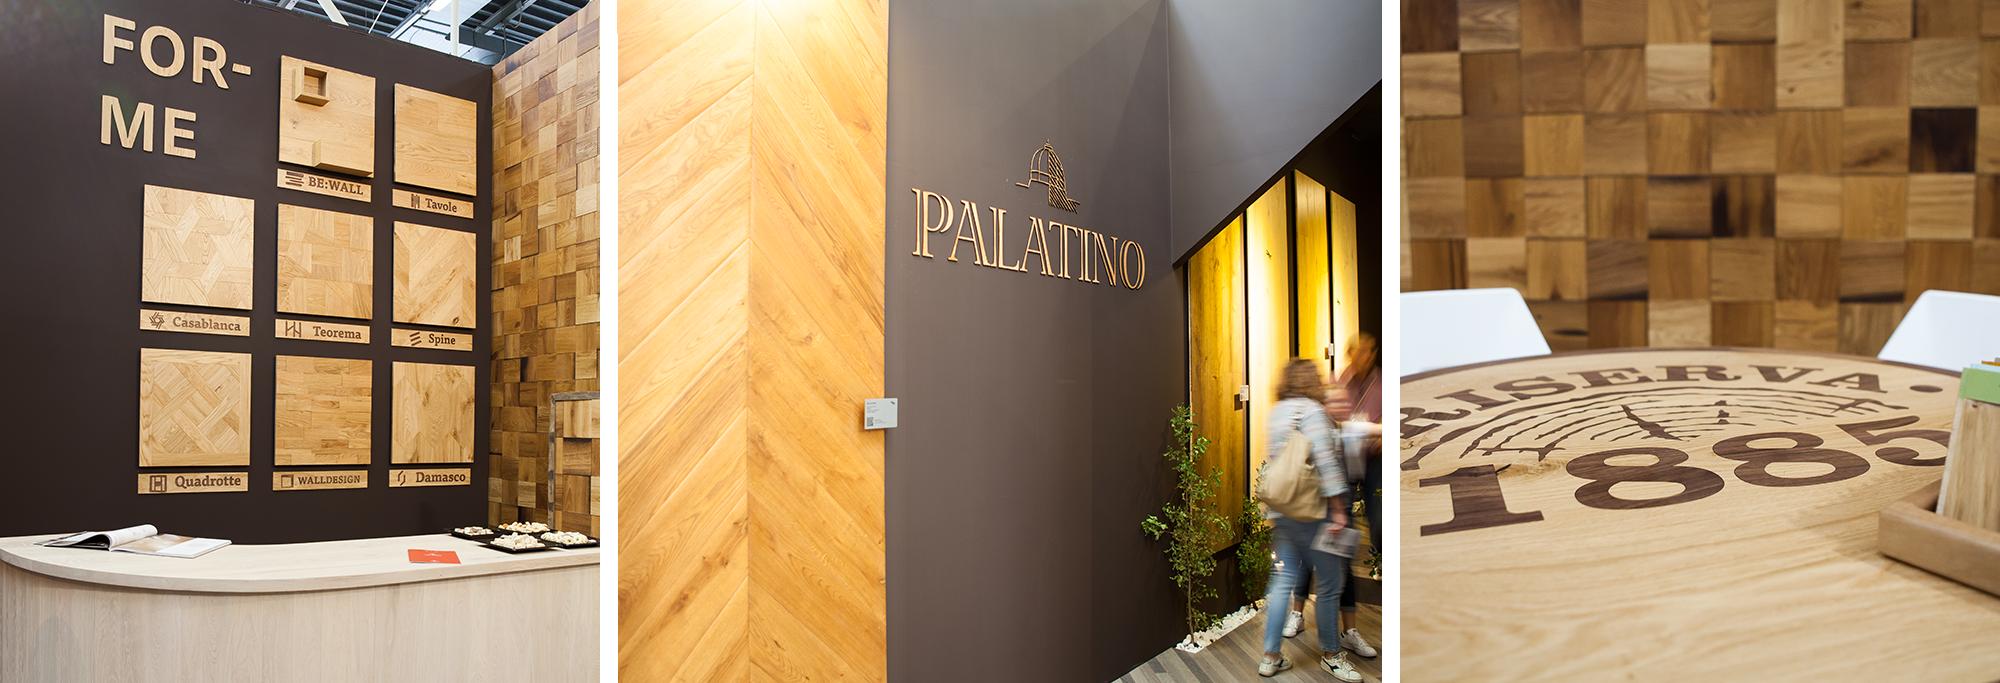 Esempio di allestimento per stand fieristico e showroom pavimenti in legno Mardegan Legno